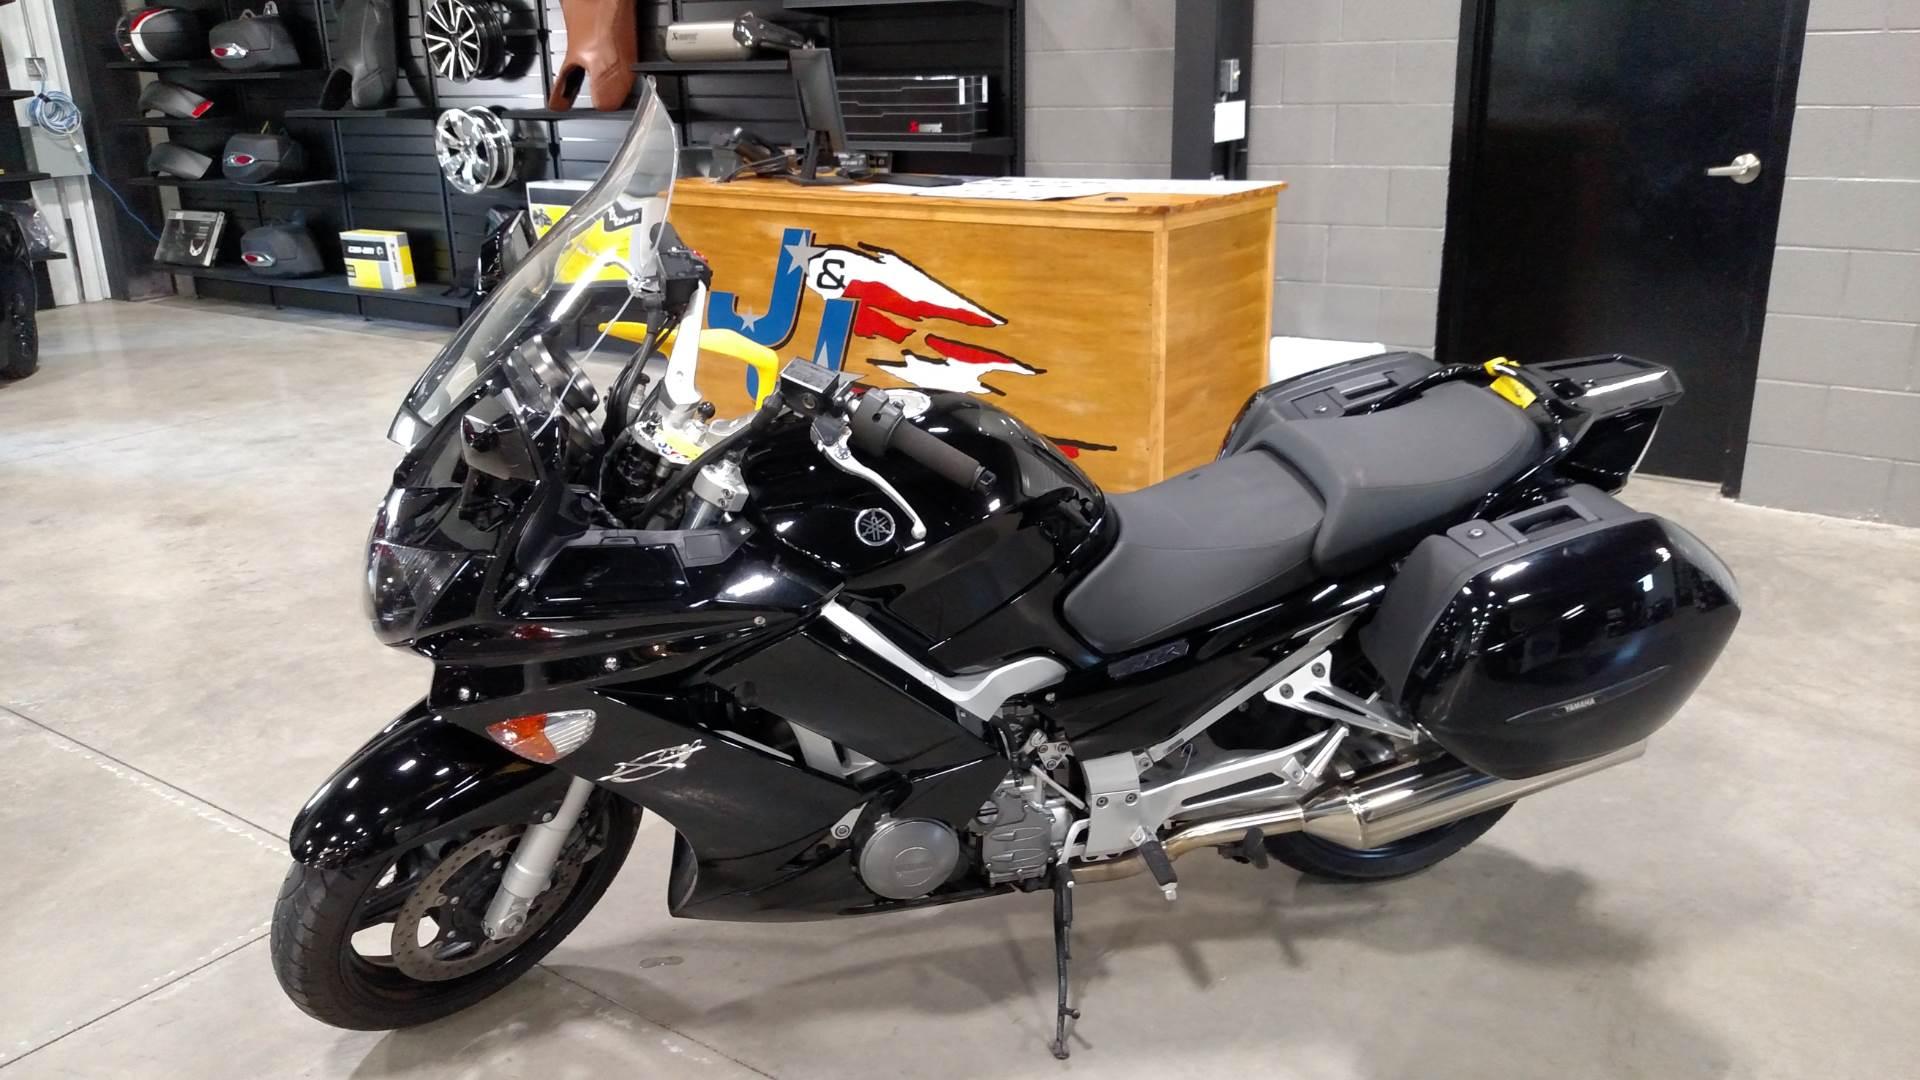 2009 Yamaha FJR 1300A for sale 212818